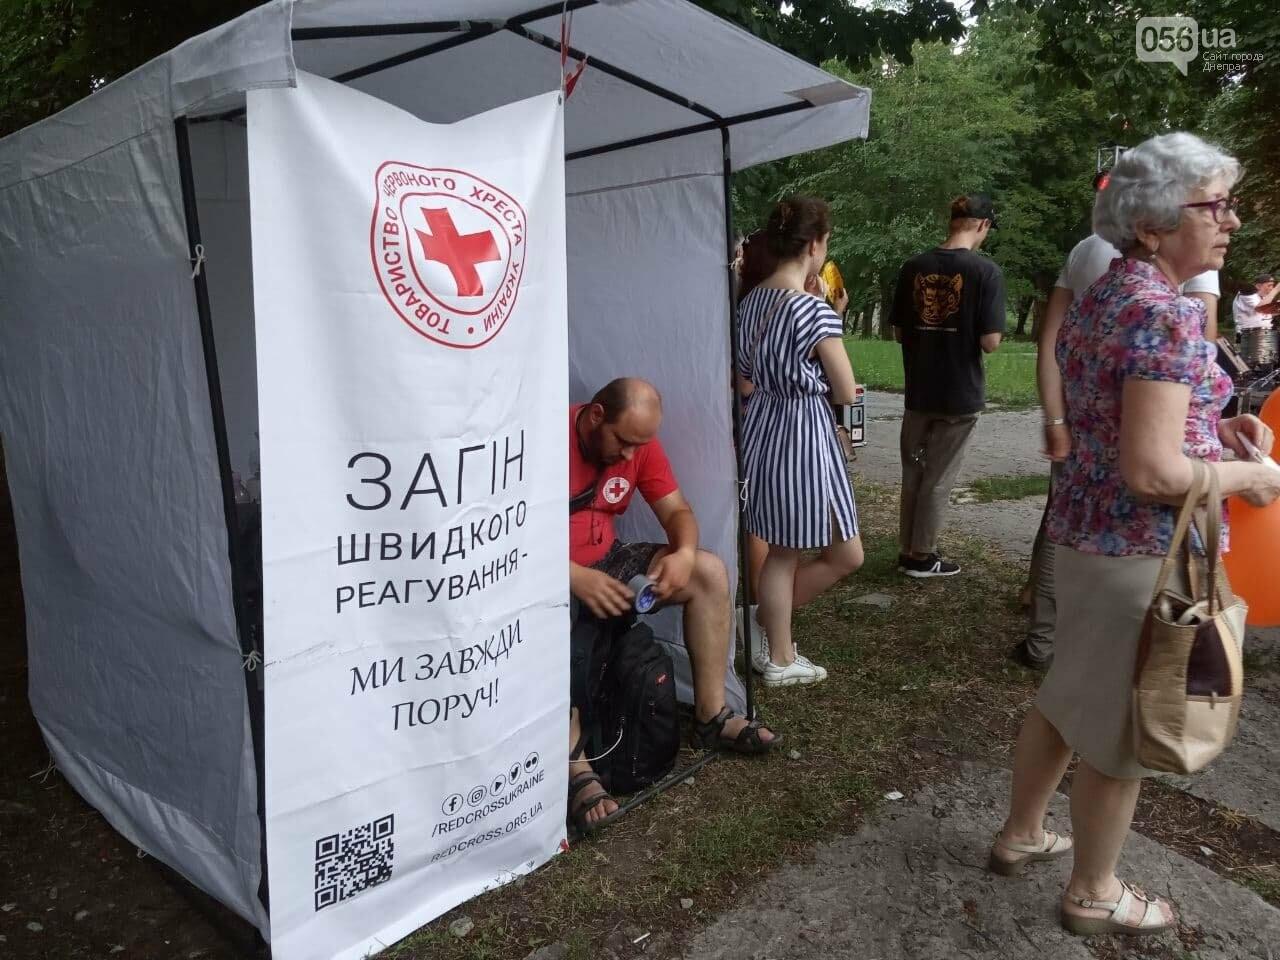 В Днепре по всей территории парка Шевченко звучит музыка нон-стоп, - ФОТО, ВИДЕО, фото-32